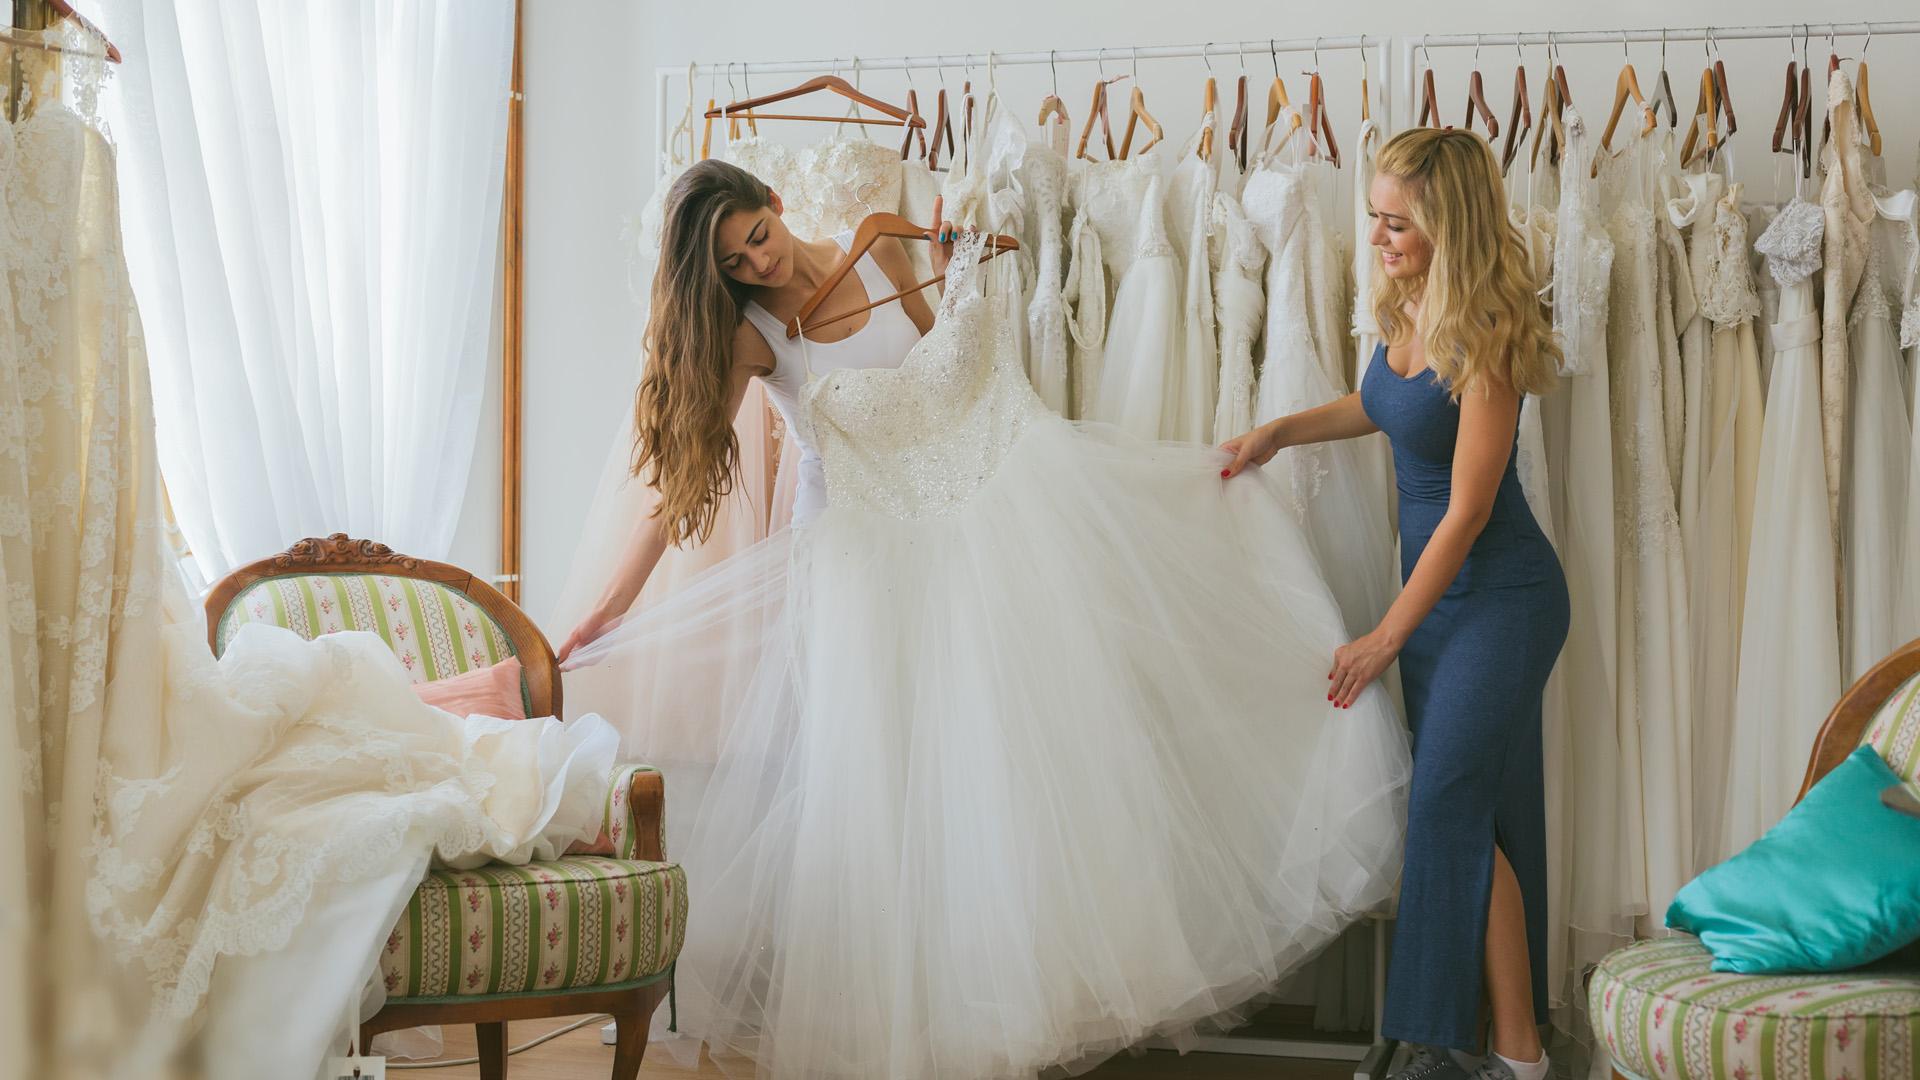 Как систематизировать выбор свадебного платья, чтобы не сойти с ума в суете?